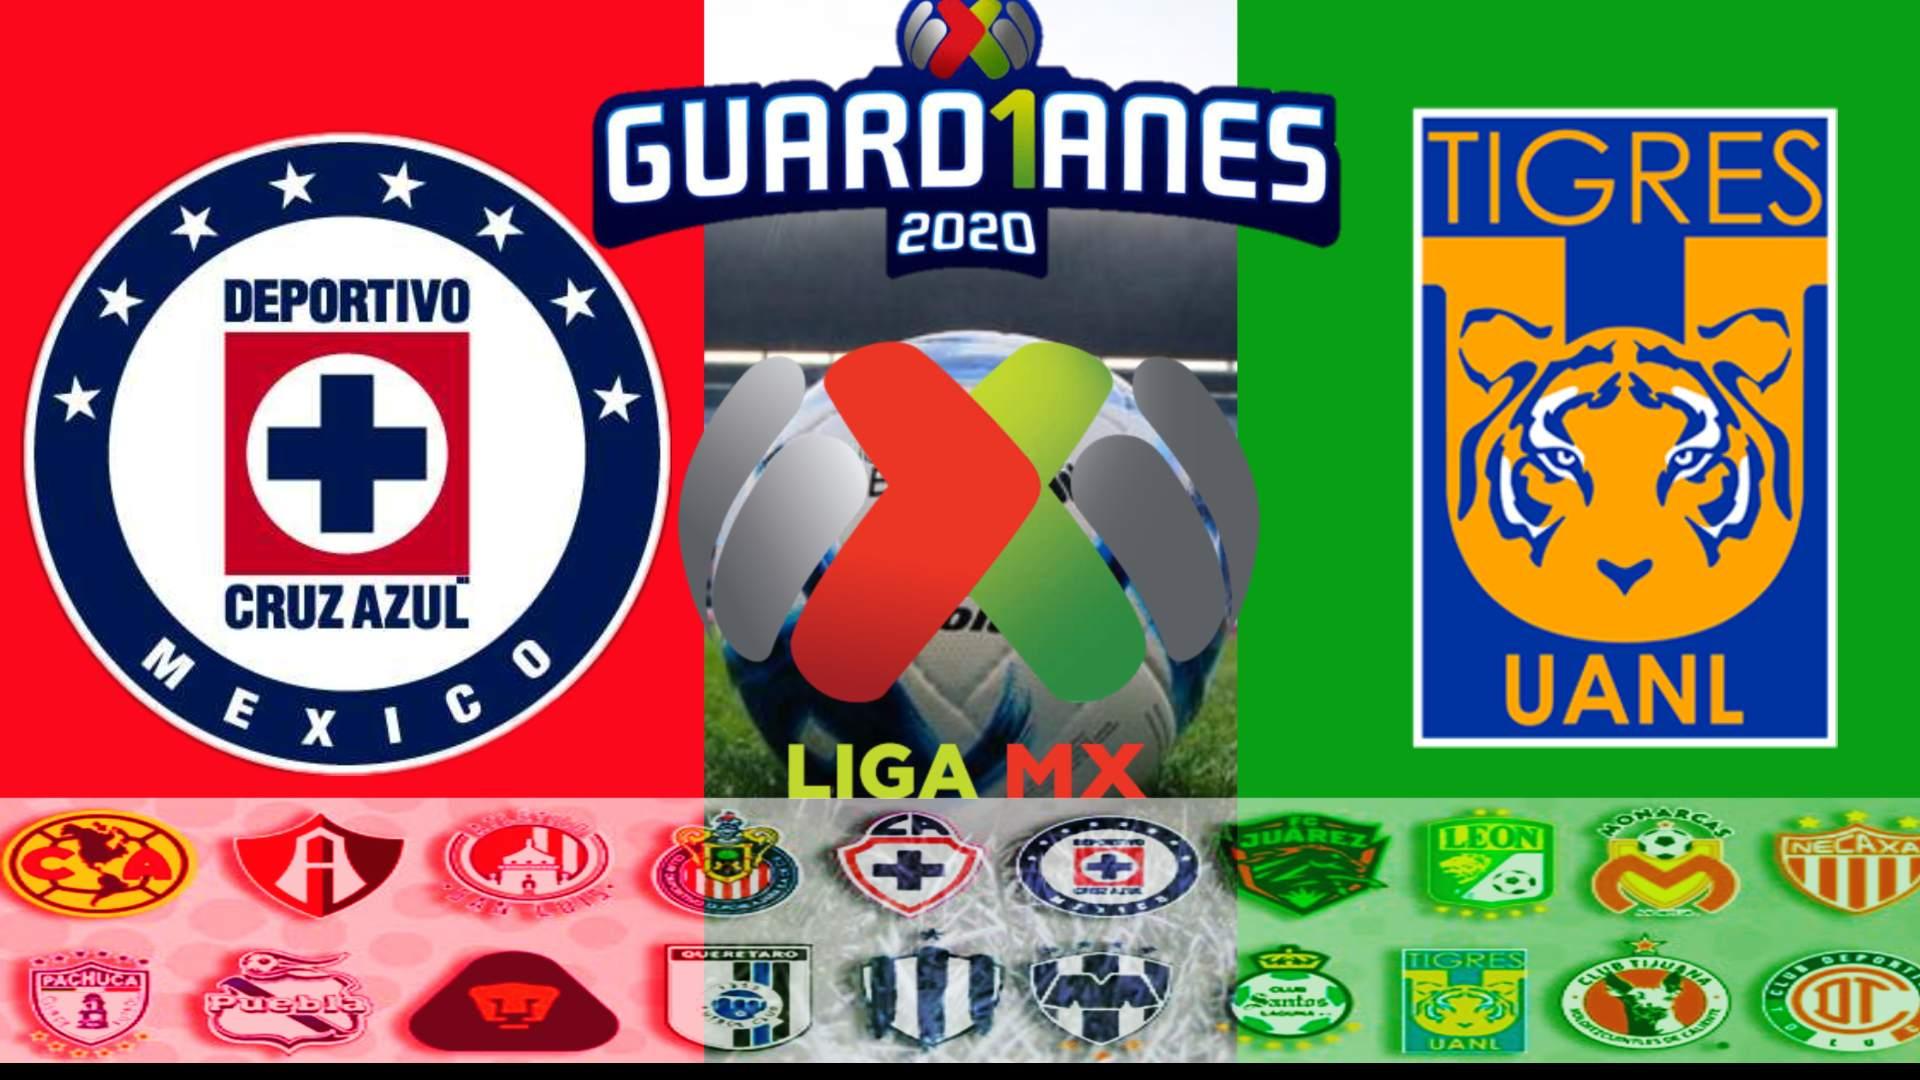 COMO VER EN VIVO HOY Cruz Azul vs Tigres UANL por la Liga MX 2020 HORARIOS Y CANALES QUE TRANSMITEN EN VIVO